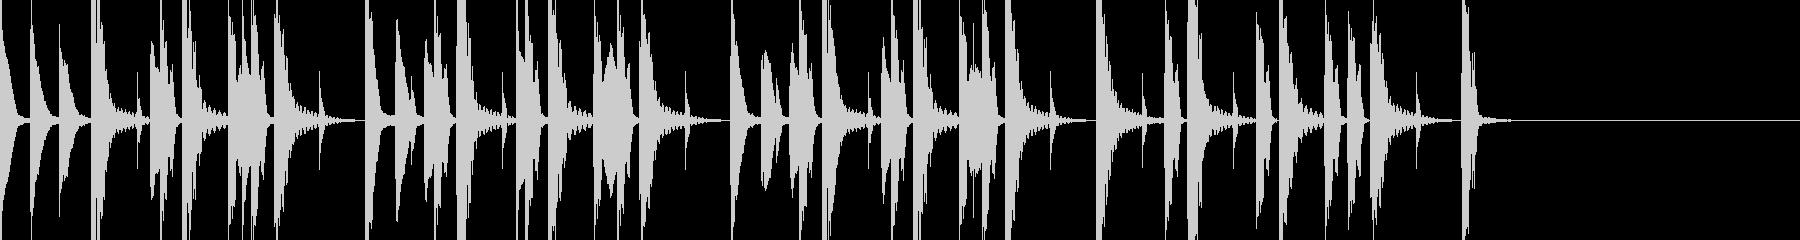 木のハンマーのような音を使ったジングルの未再生の波形